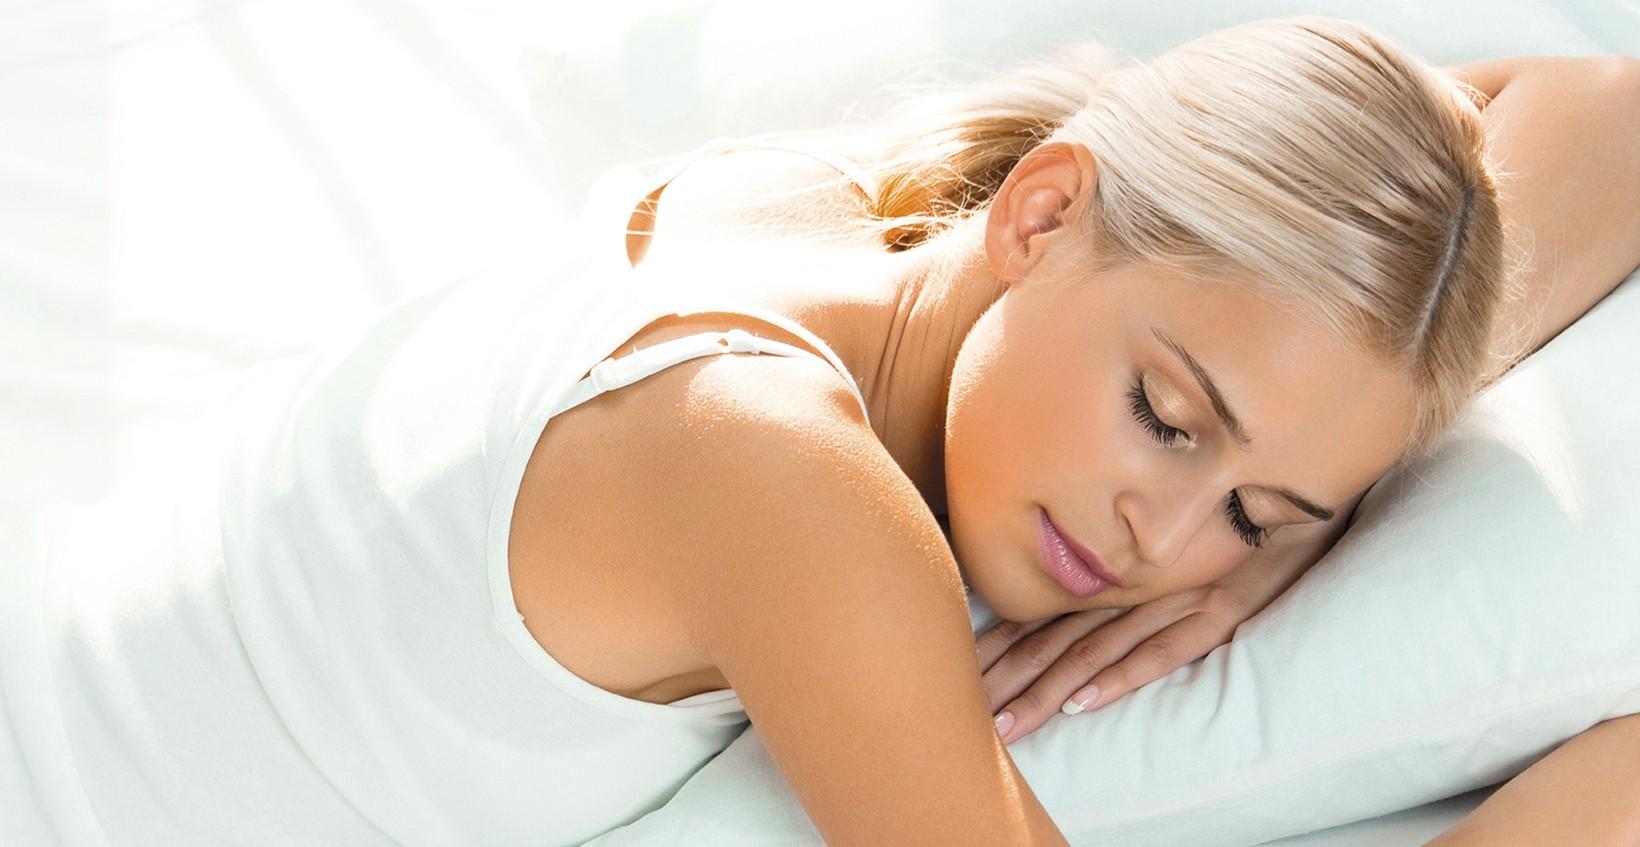 Фото спящей женщины, Спящие голые жены подборка фото частные секс фото 10 фотография